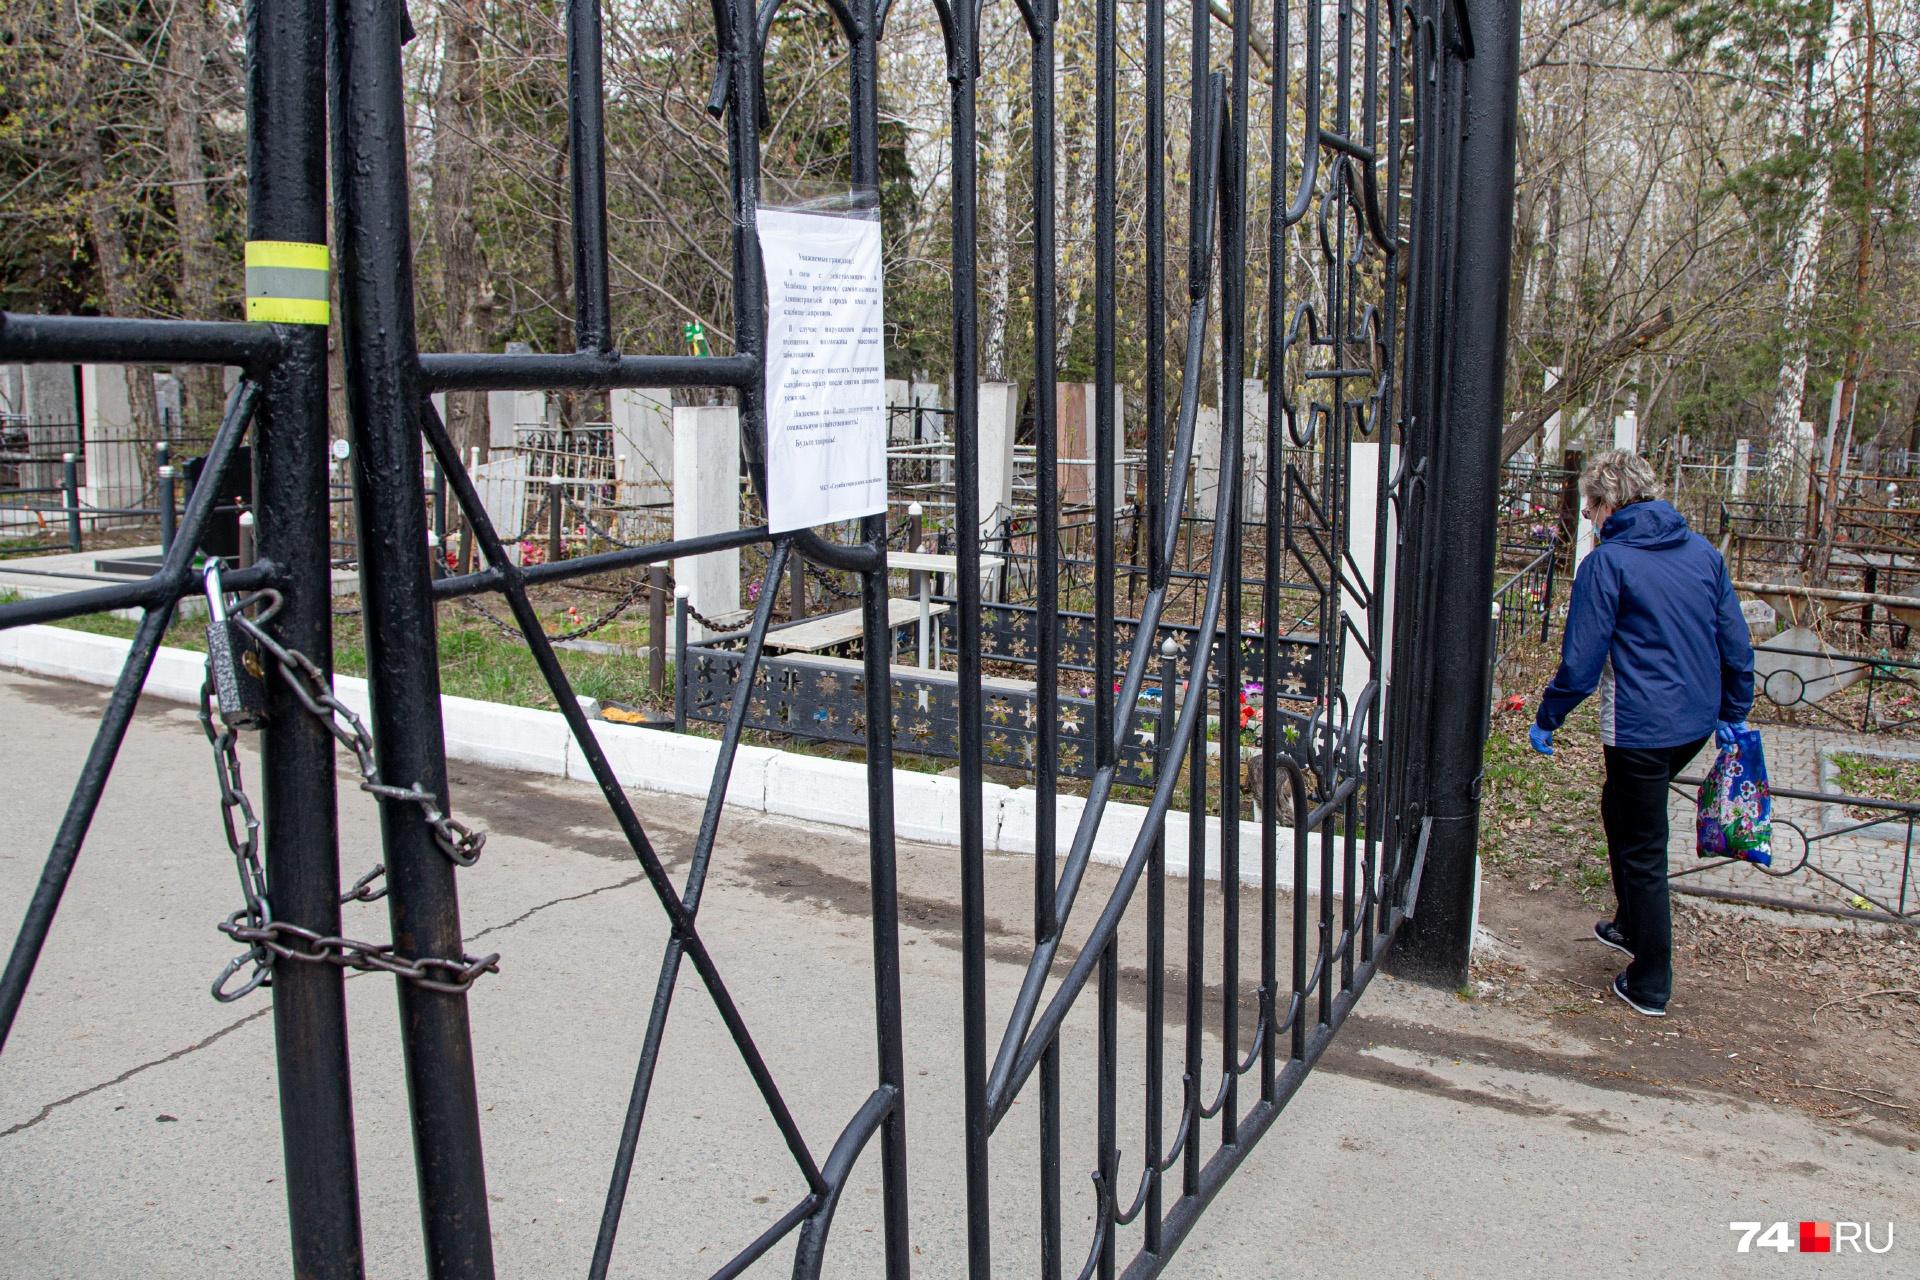 Предупреждения на заборе -слишком слабый аргумент для тех, кто задался целью принести цветы, яйца и конфеты с печеньями на могилы родственников